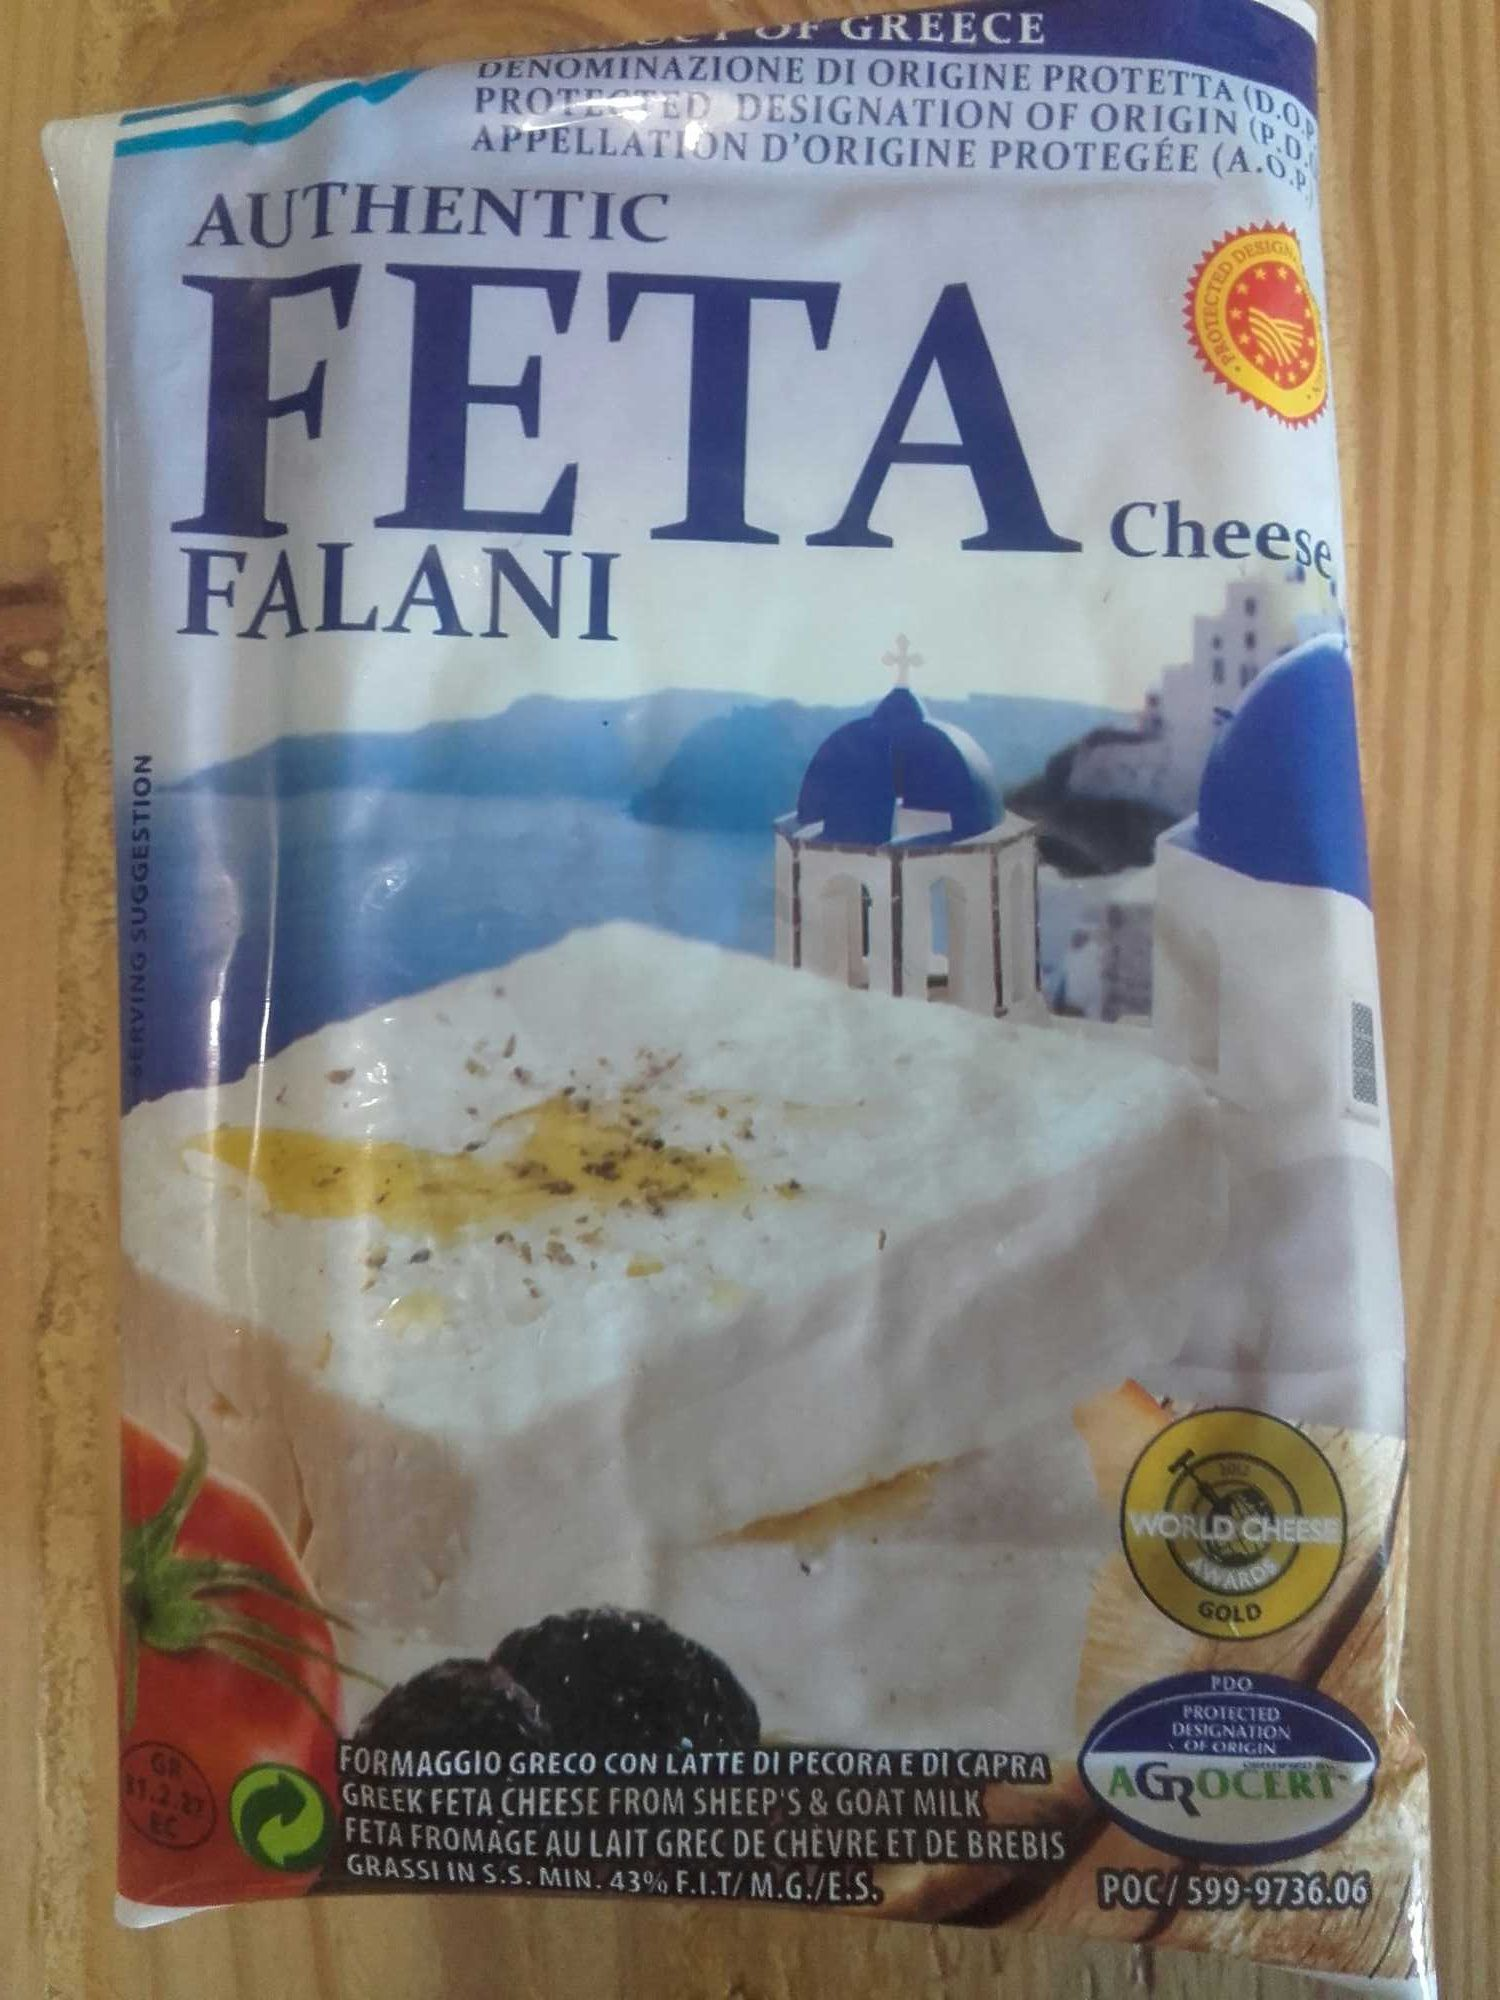 Feta grecque AOC - Produit